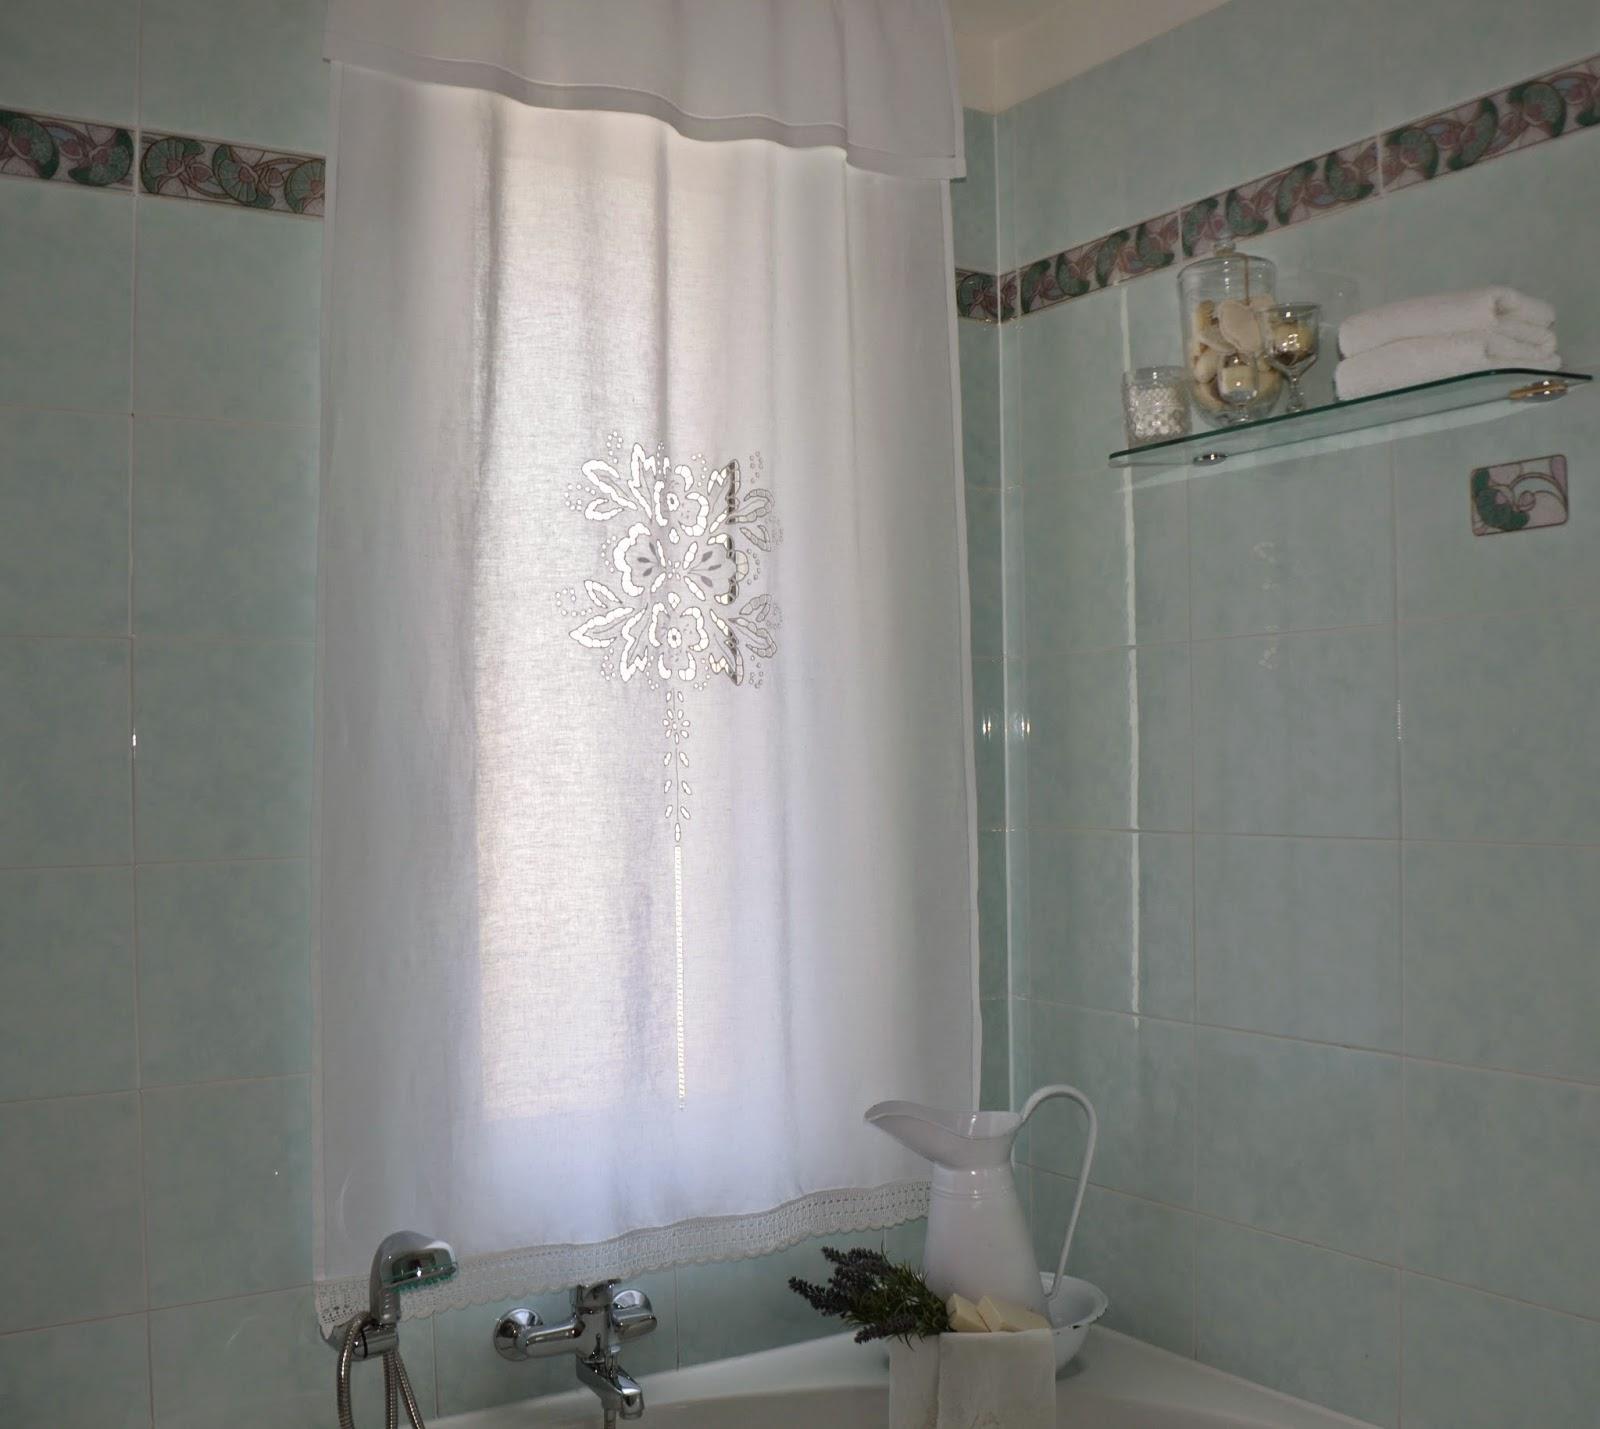 Croci e delizie nuova tenda per il bagno a punto intaglio for Tenda bagno finestra